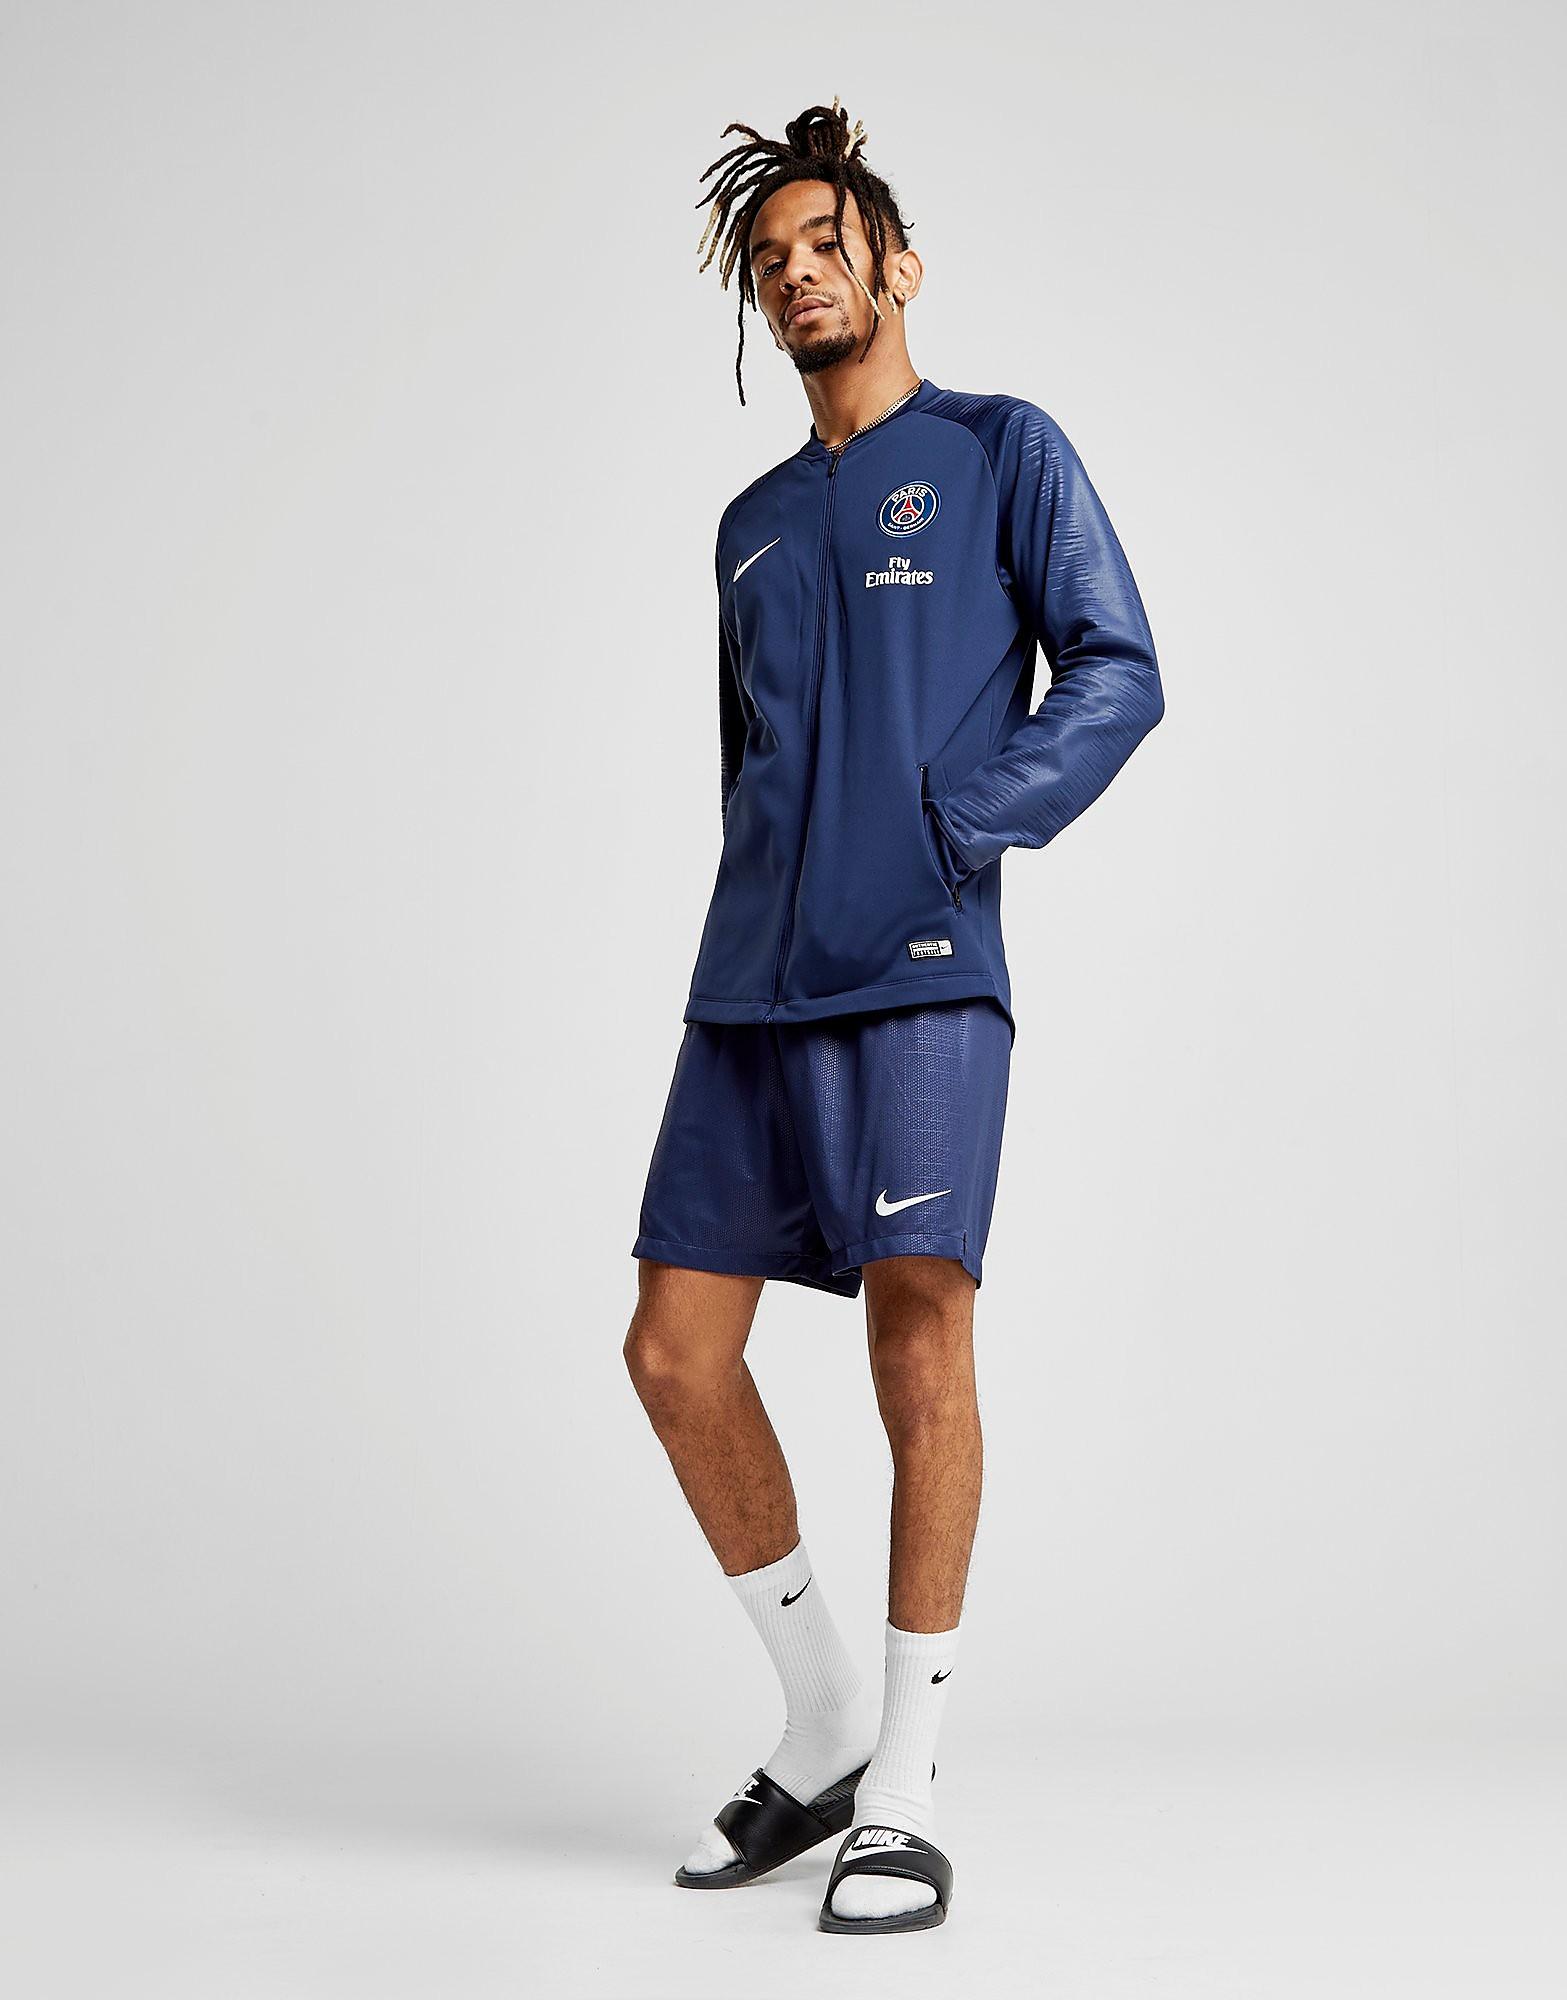 Nike Paris Saint Germain 2018/19 Anthem Jacket